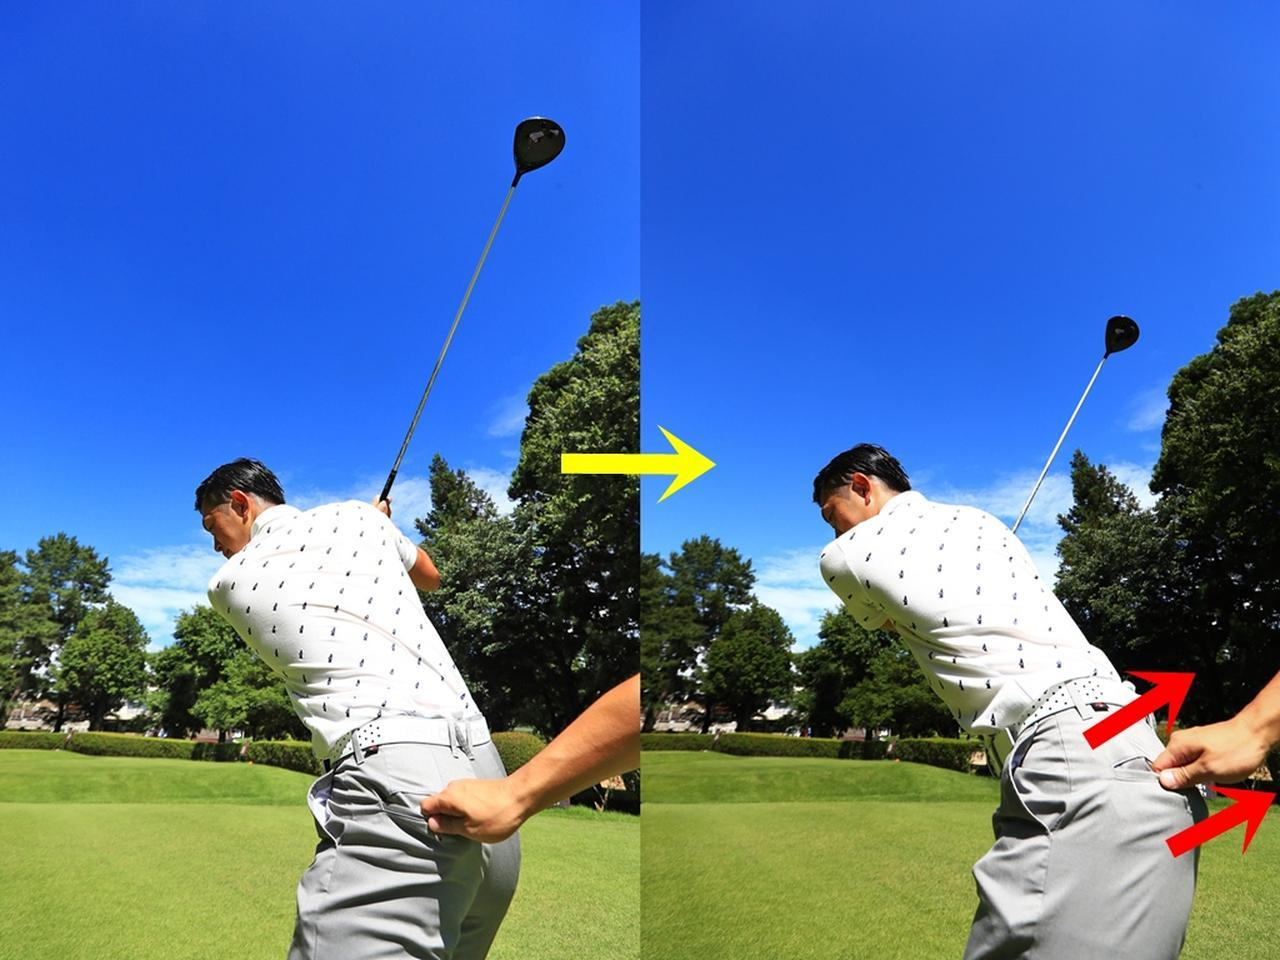 画像: テークバックで右のお尻を回して、ダウンスウィングで左のお尻を回す。この入れ替えを体感するには左のお尻のポケットを後ろに引っ張ってもらうのが効果的。左右のお尻の入れ替えがスムーズにできる